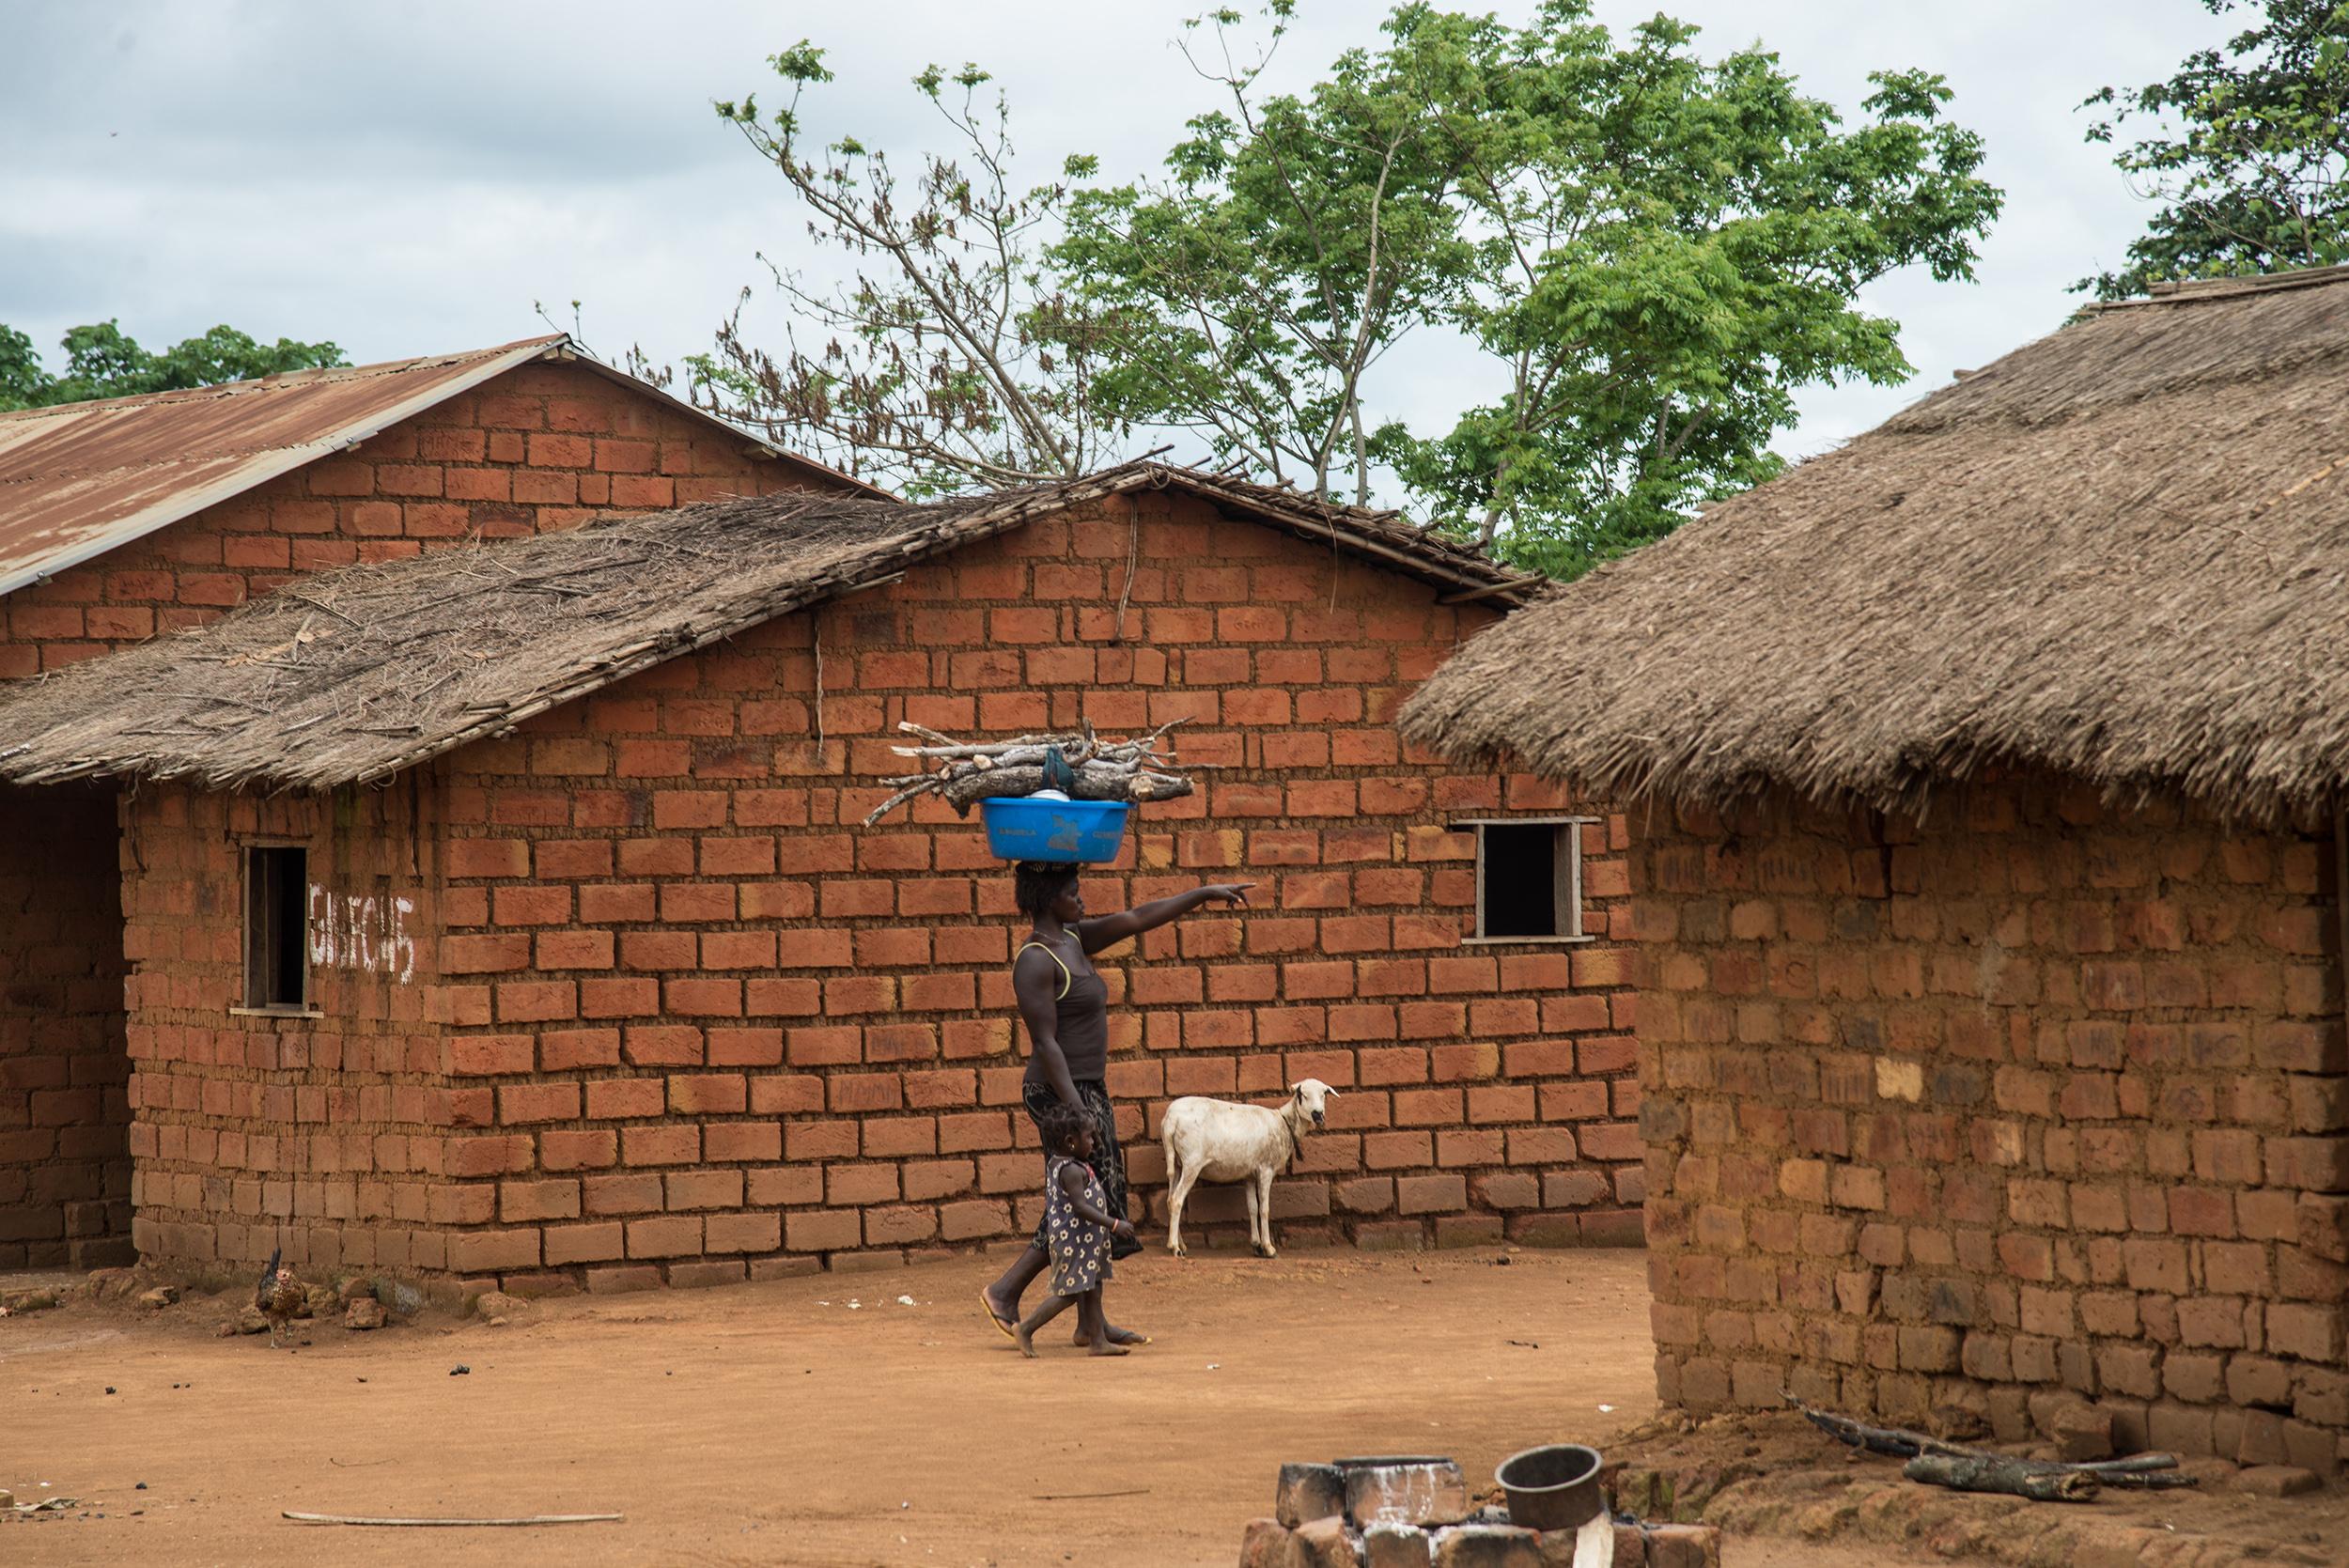 Village in DRC